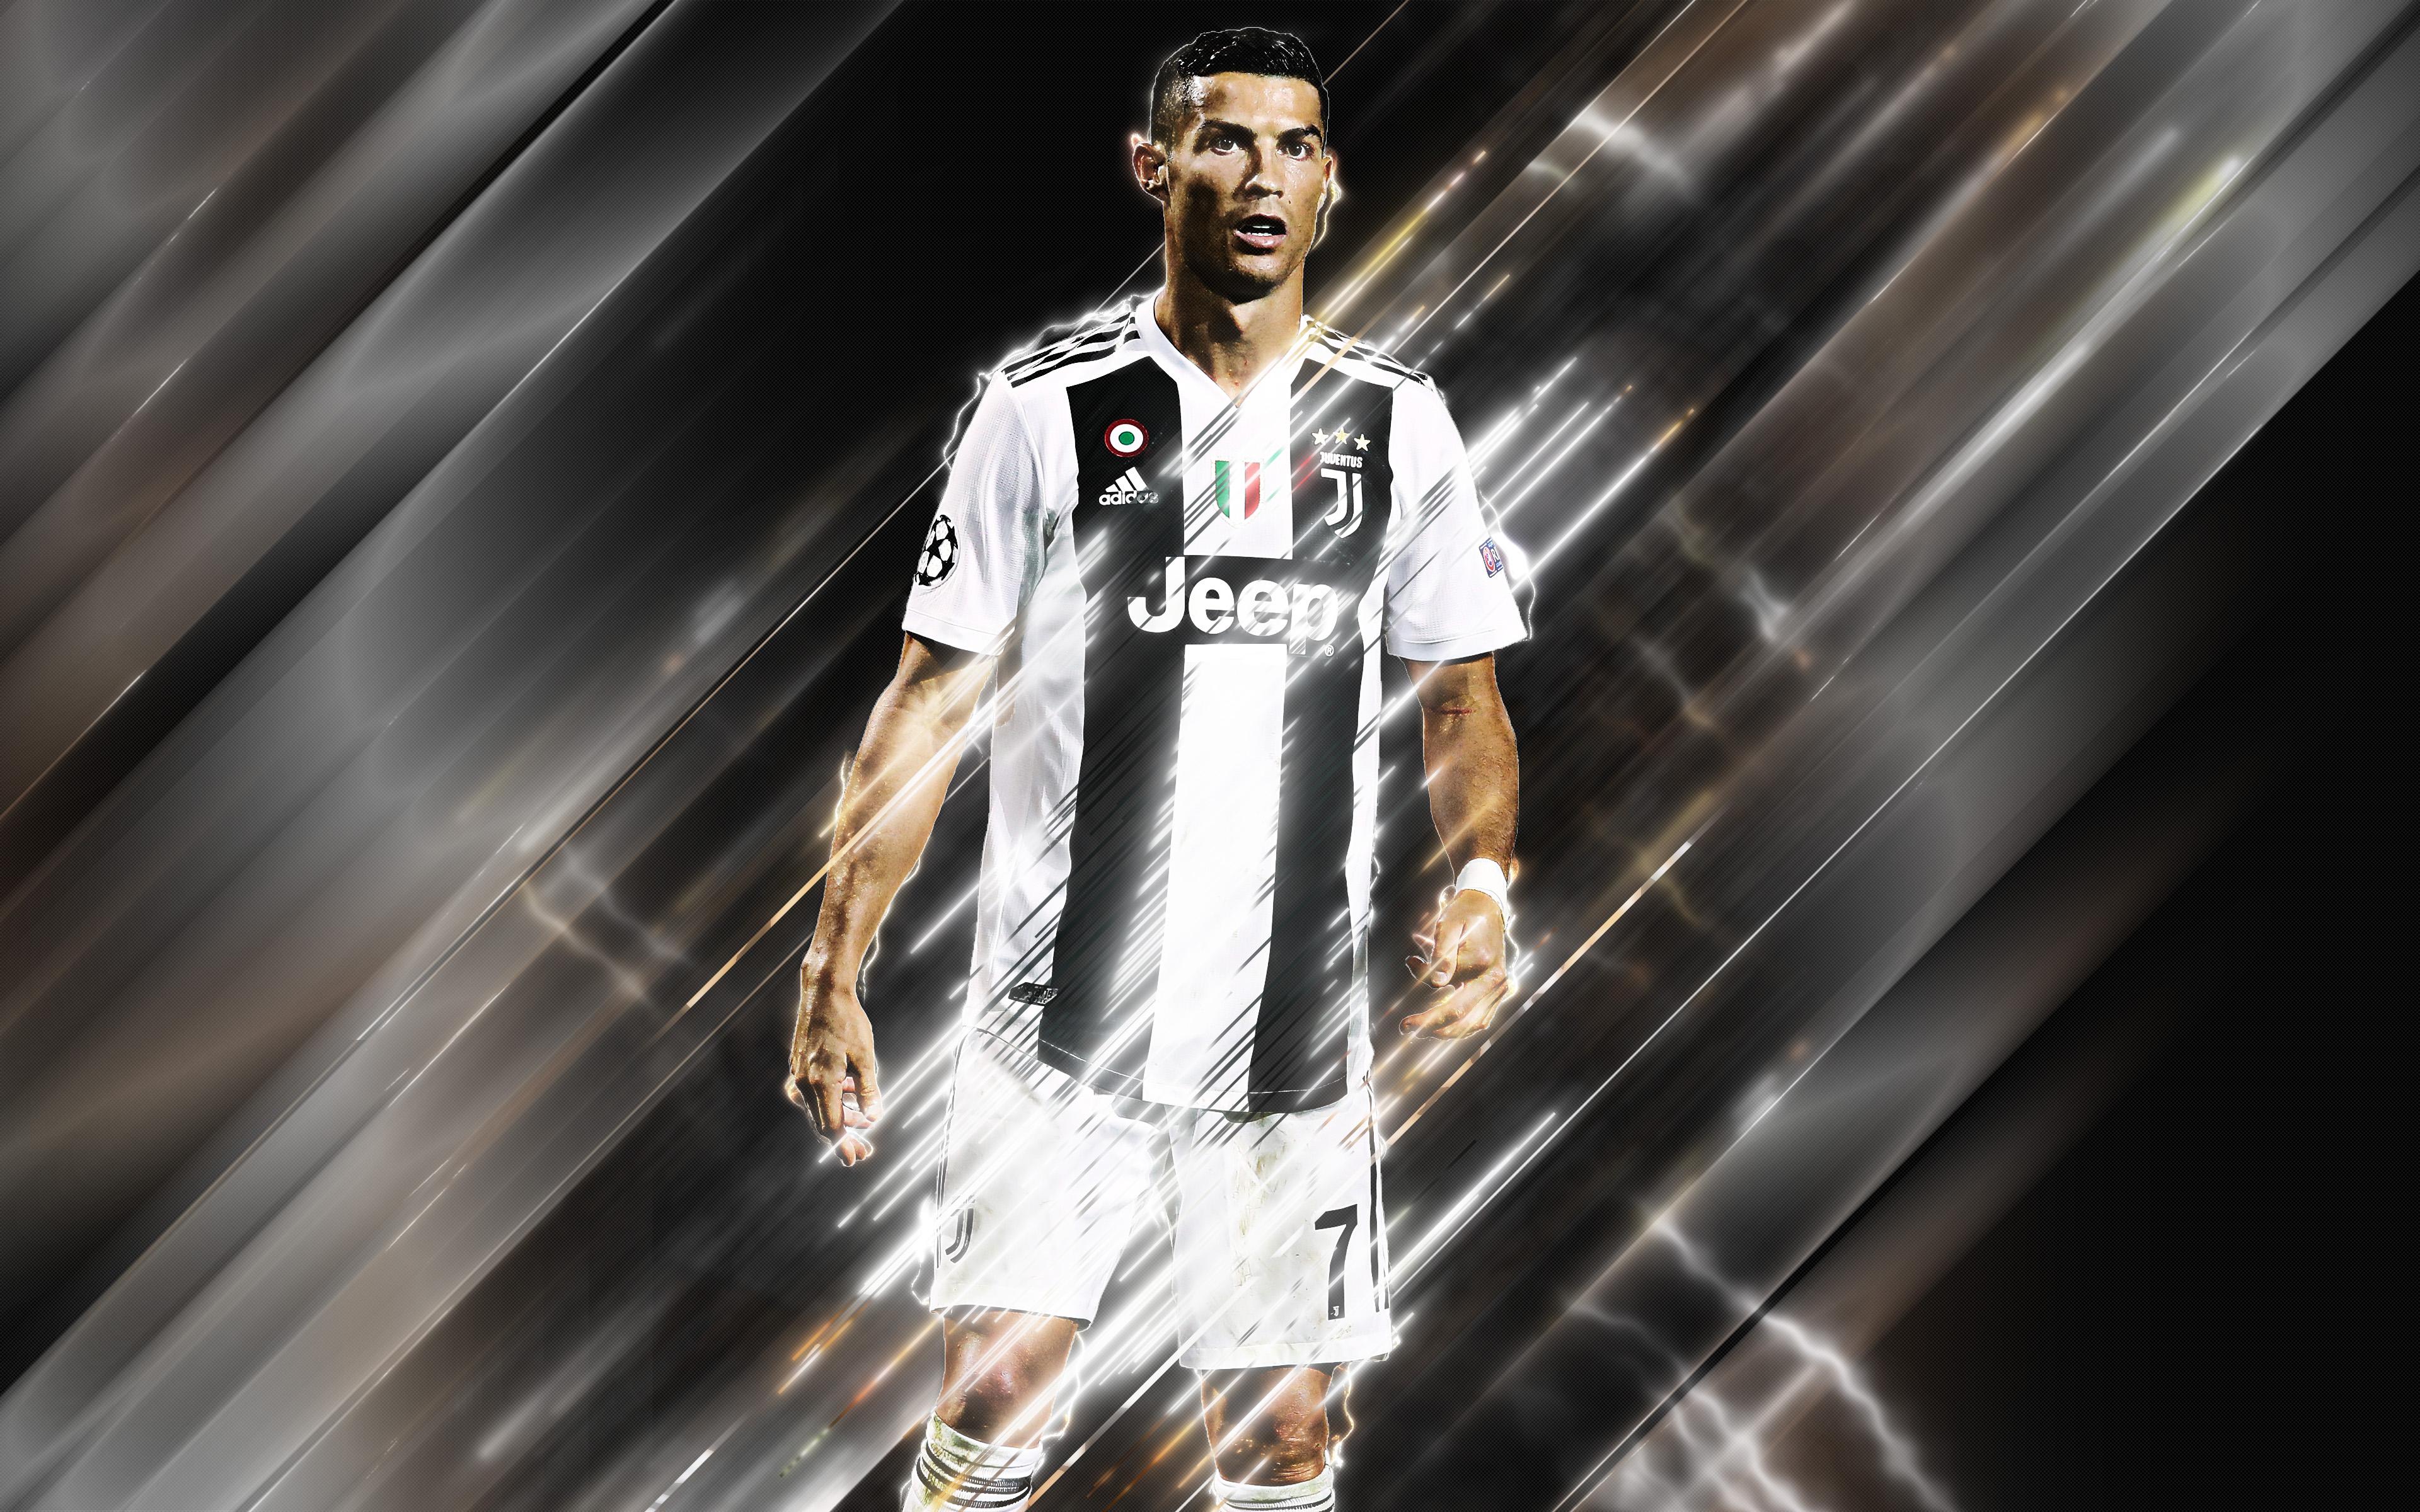 Fondos De Pantalla De Cristiano Ronaldo: CR7 - Juve 4k Ultra Fondo De Pantalla HD